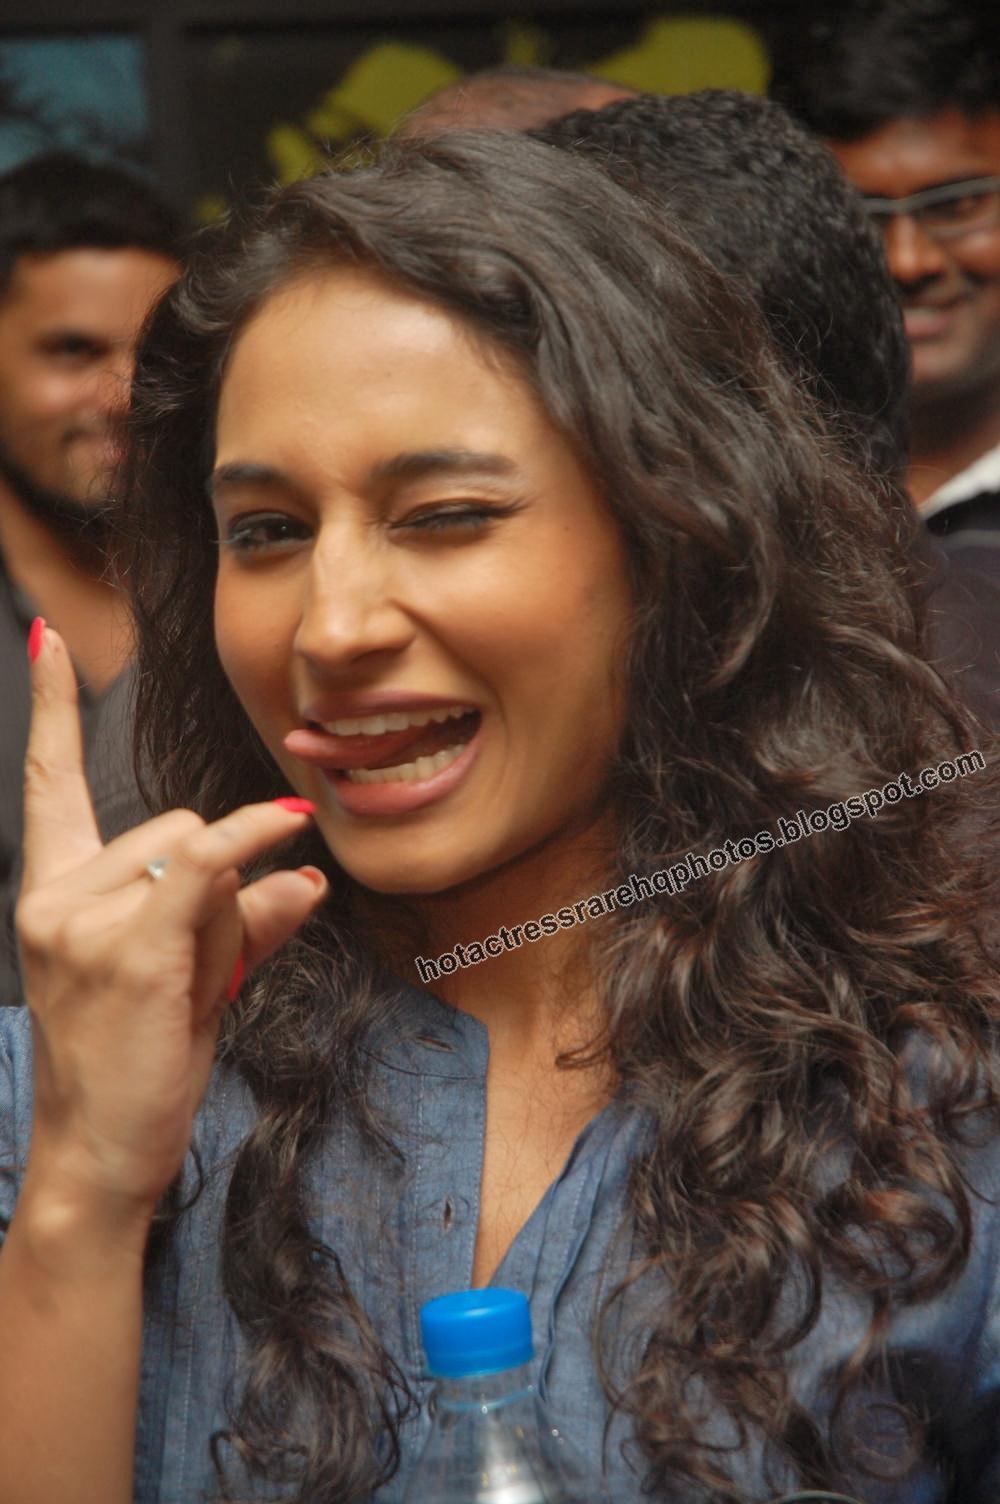 Hot Indian Actress Rare HQ Photos: Swamy Ra Ra Fame Pooja